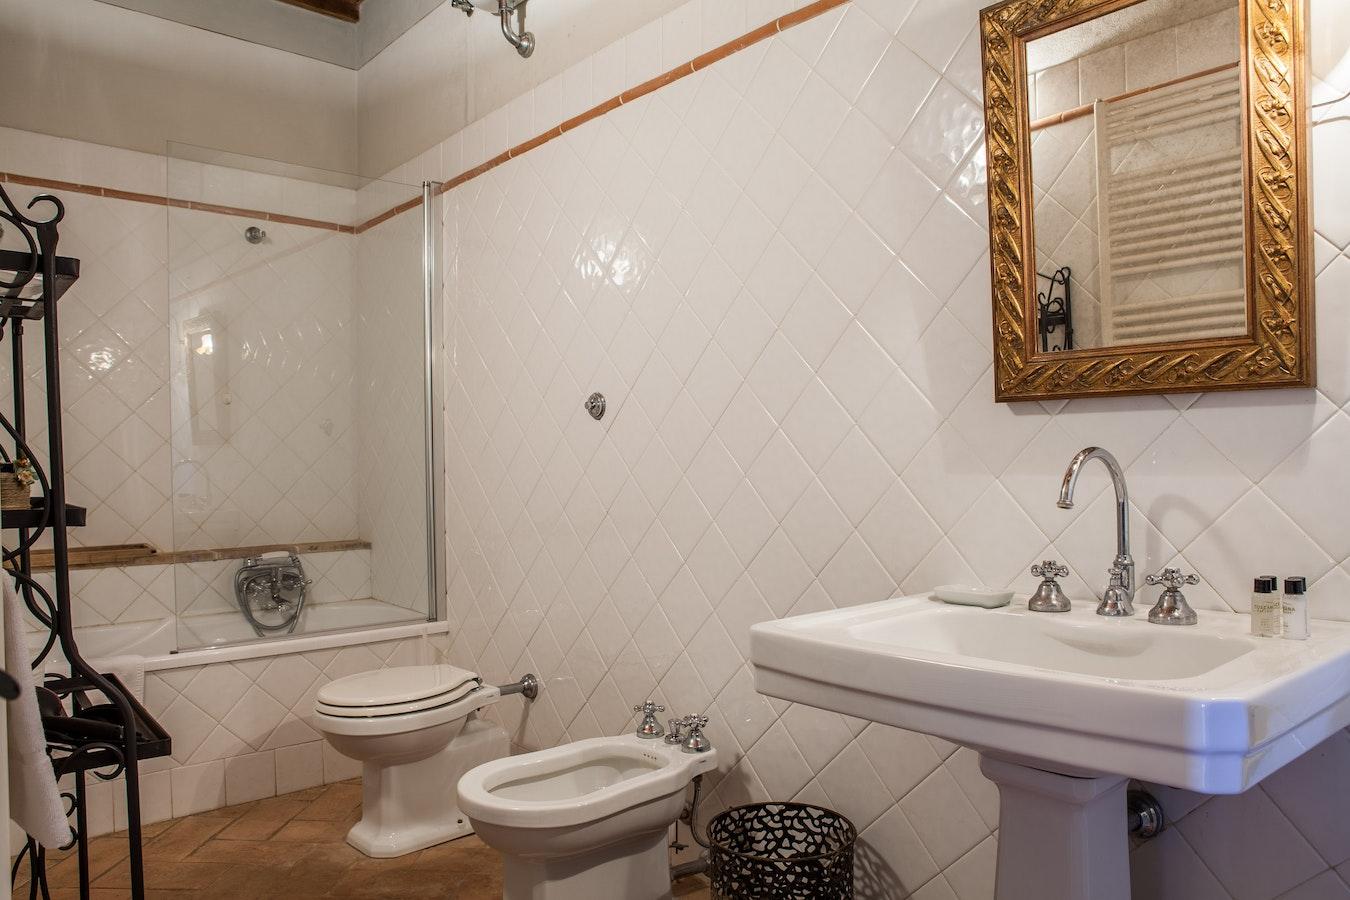 La pieve marsina appartamenti dal classico fascino for Noleggio cabina julian dal proprietario